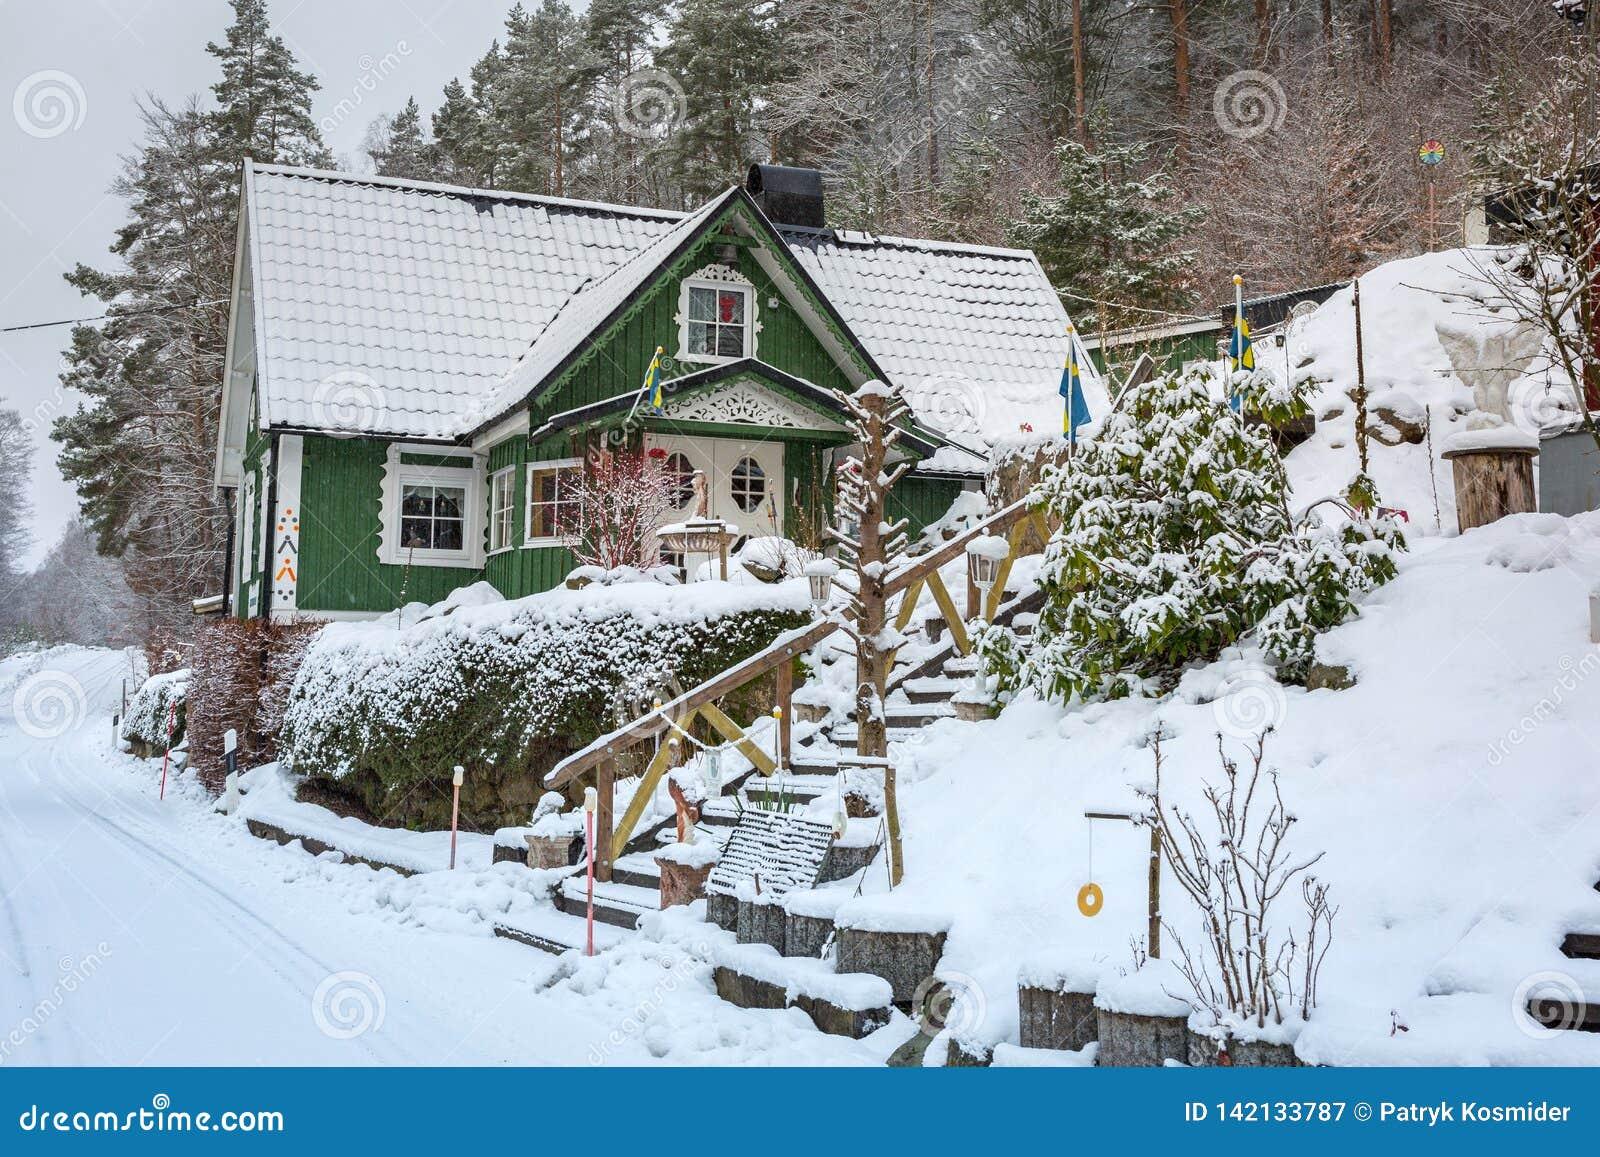 La Maison De La Suede paysage d'hiver avec la maison en bois verte en suède image